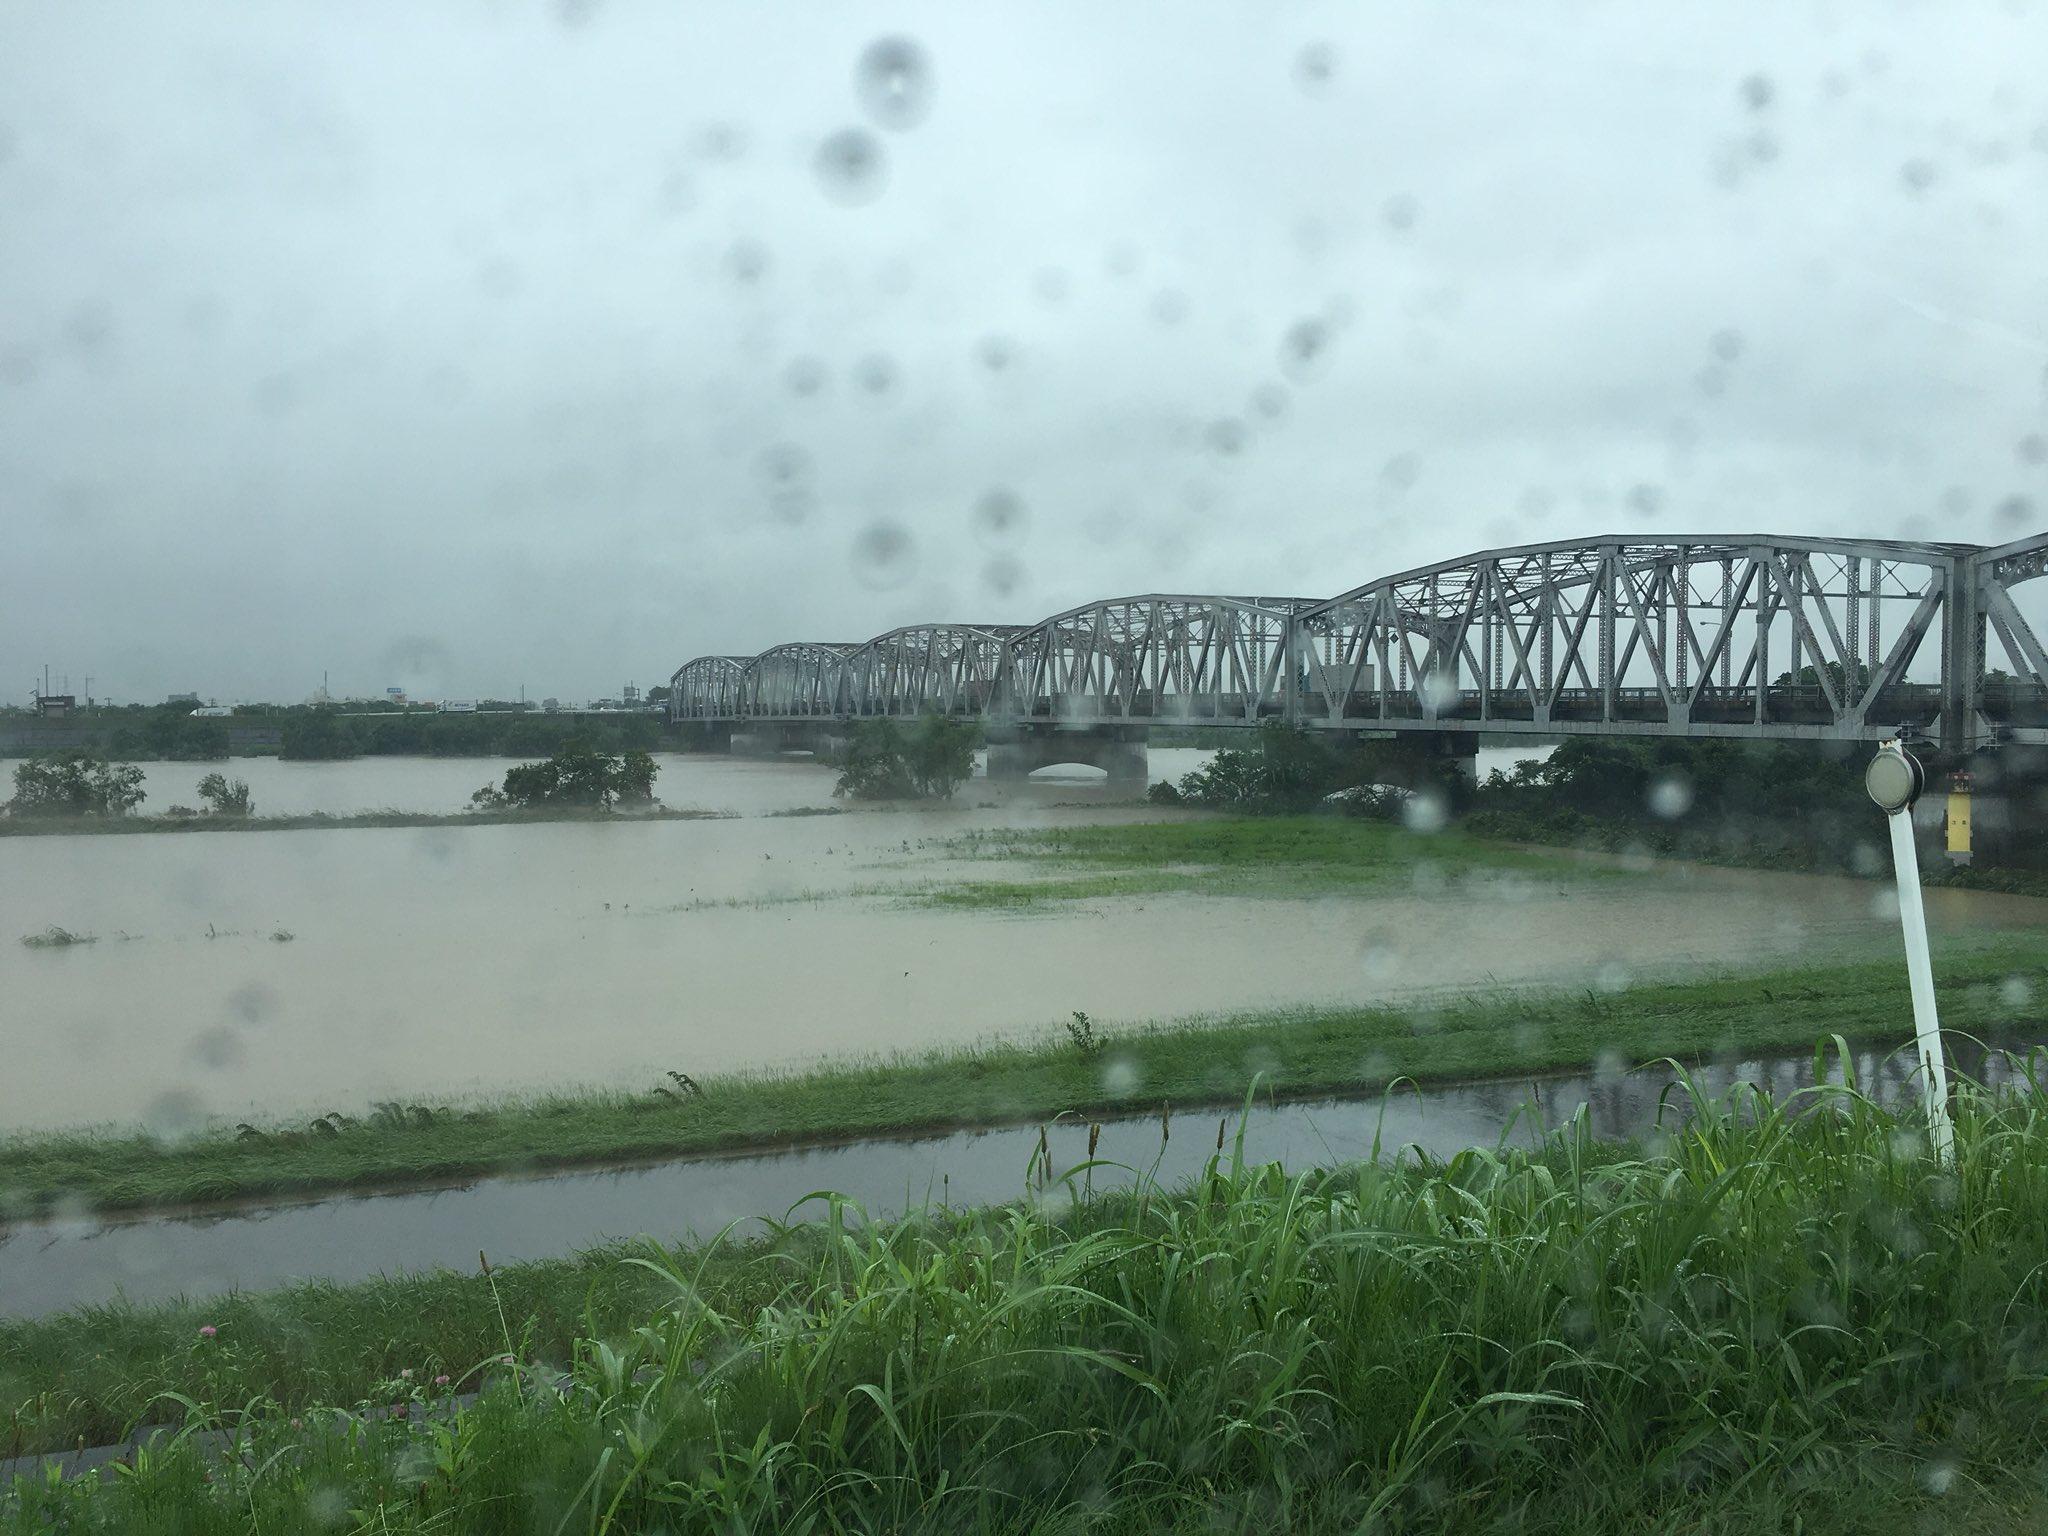 画像,ついに岐阜県に大雨特別警報が、、、高山・郡上・根尾はやばいらしい😓長良川は少し減ってきたけどねー☔️ https://t.co/MmJysnt9yP…